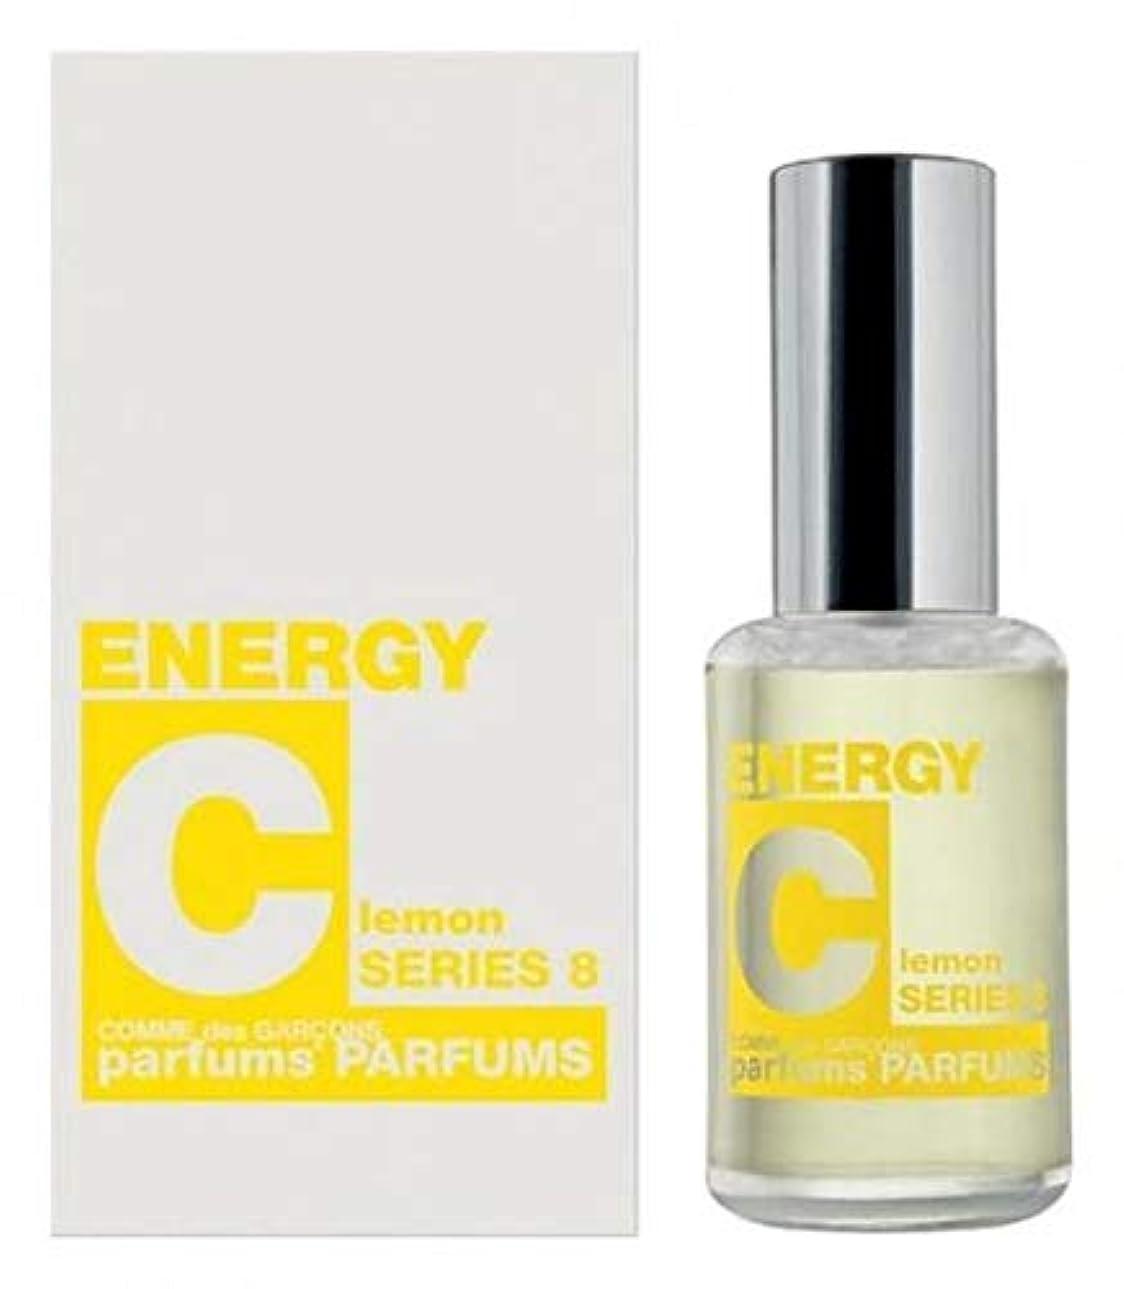 ミリメートル旅行地球Comme des Garcons Energy C series 8: Lemon Eau De Toilette 1 oz / 30 ml New In Box.